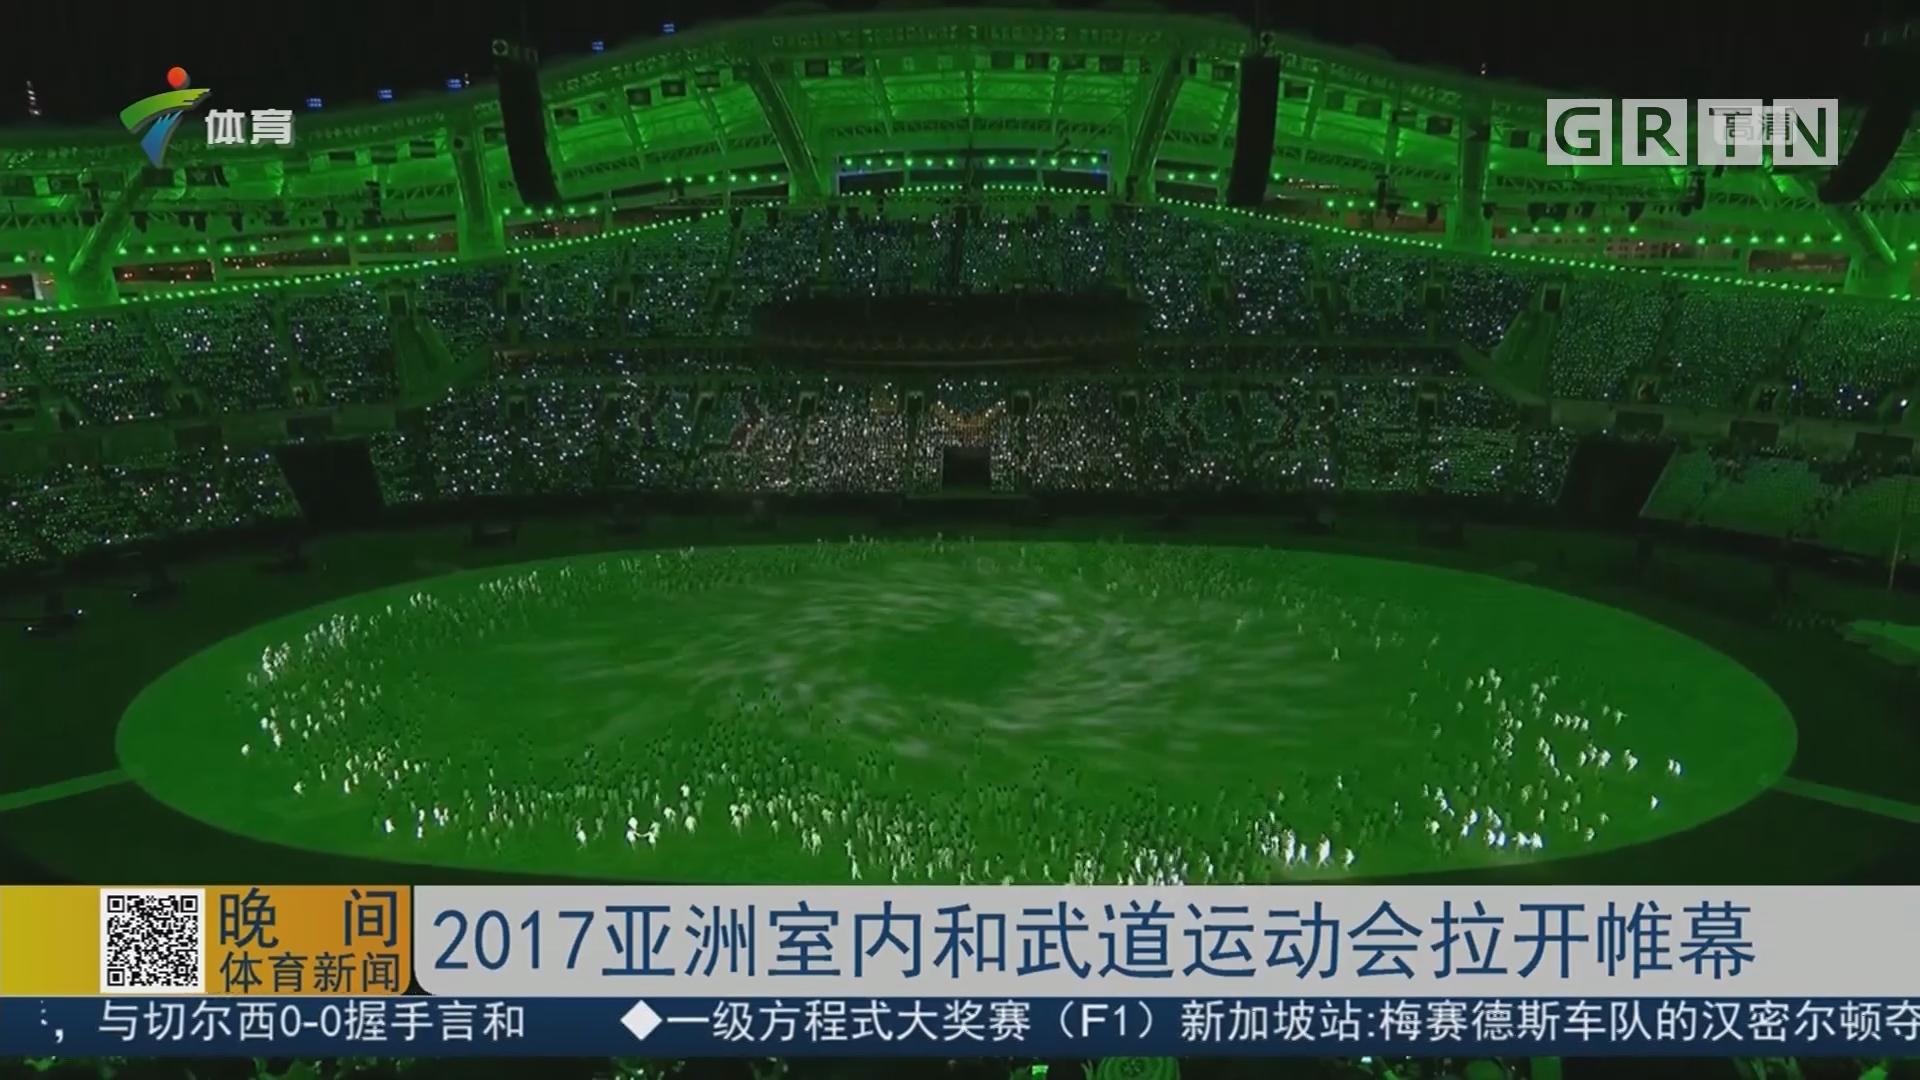 2017亚洲室内和武道运动会拉开帷幕